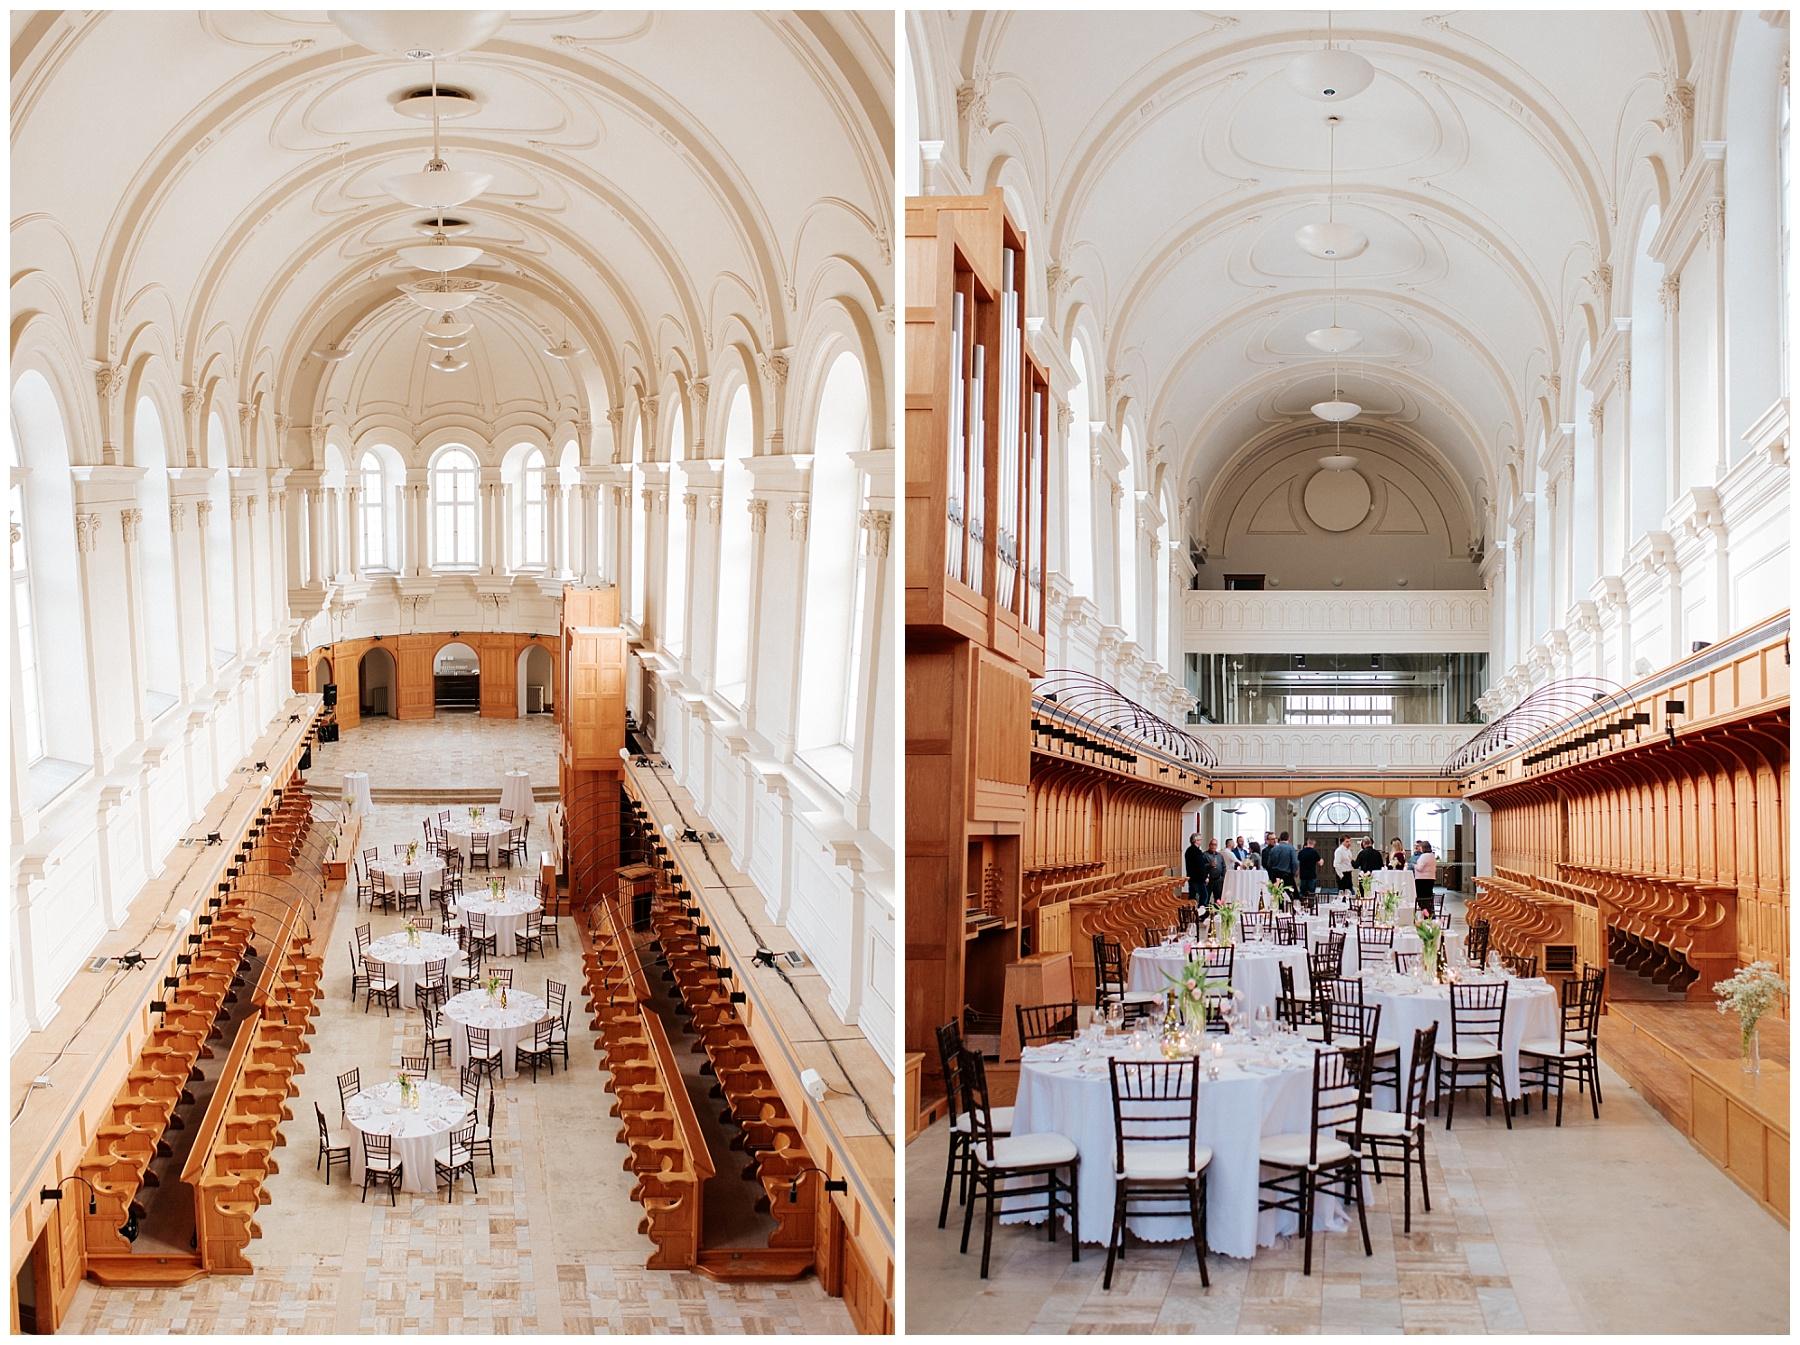 Salle de réception de l'abbaye d'Oka à Oka avec ses immenses fenêtres qui illumine l'immense espace. Des tables et des chaises ont été installées pour l'occasion.